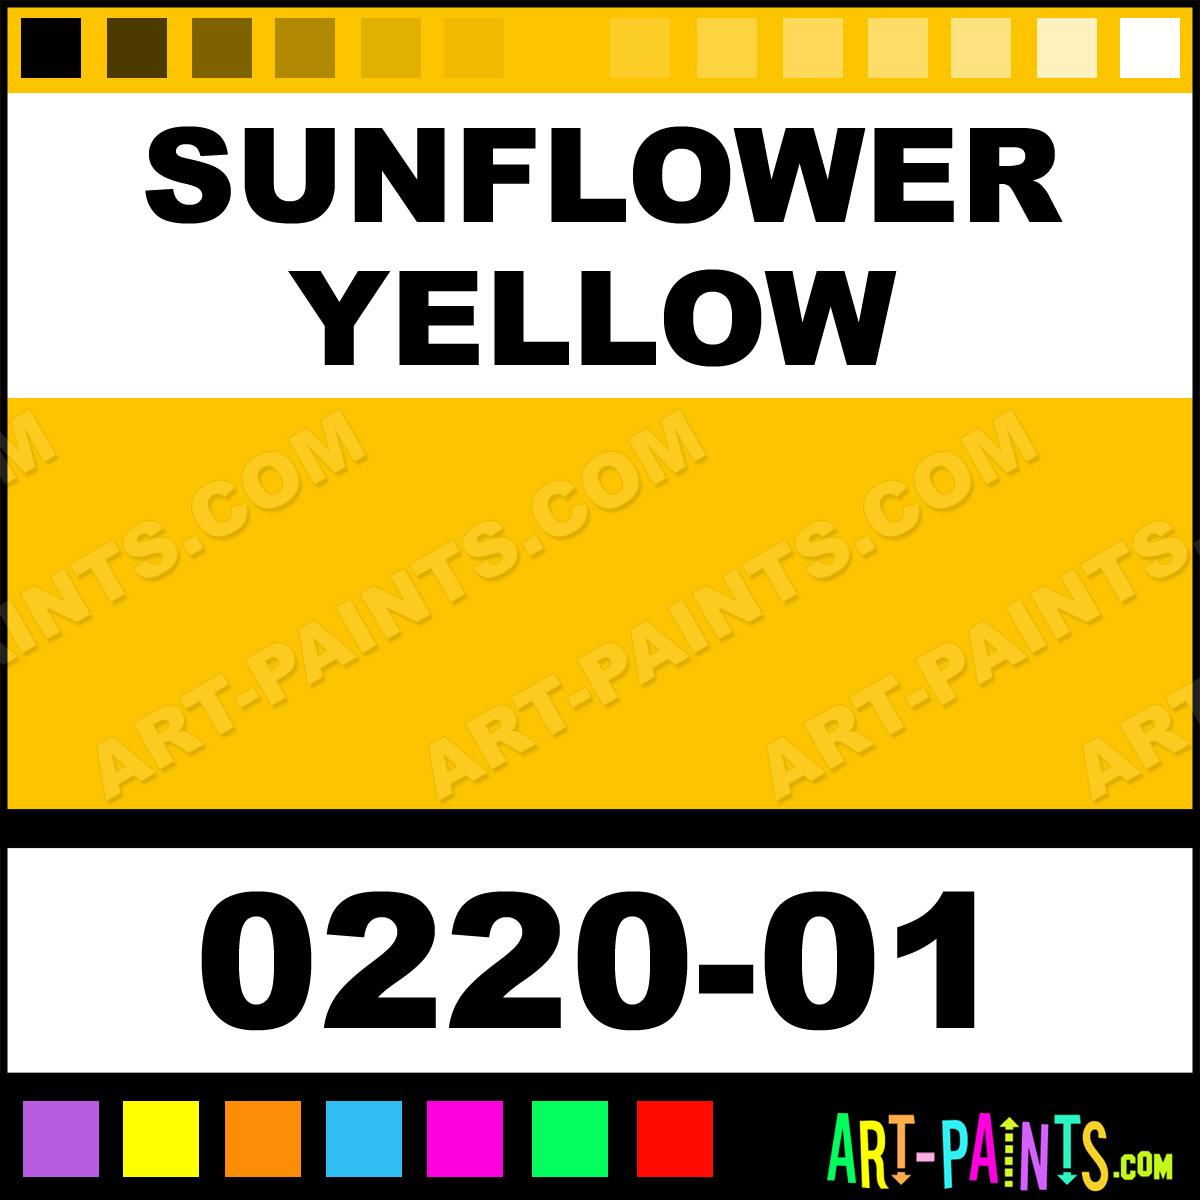 Sunflower Yellow Spray Paint